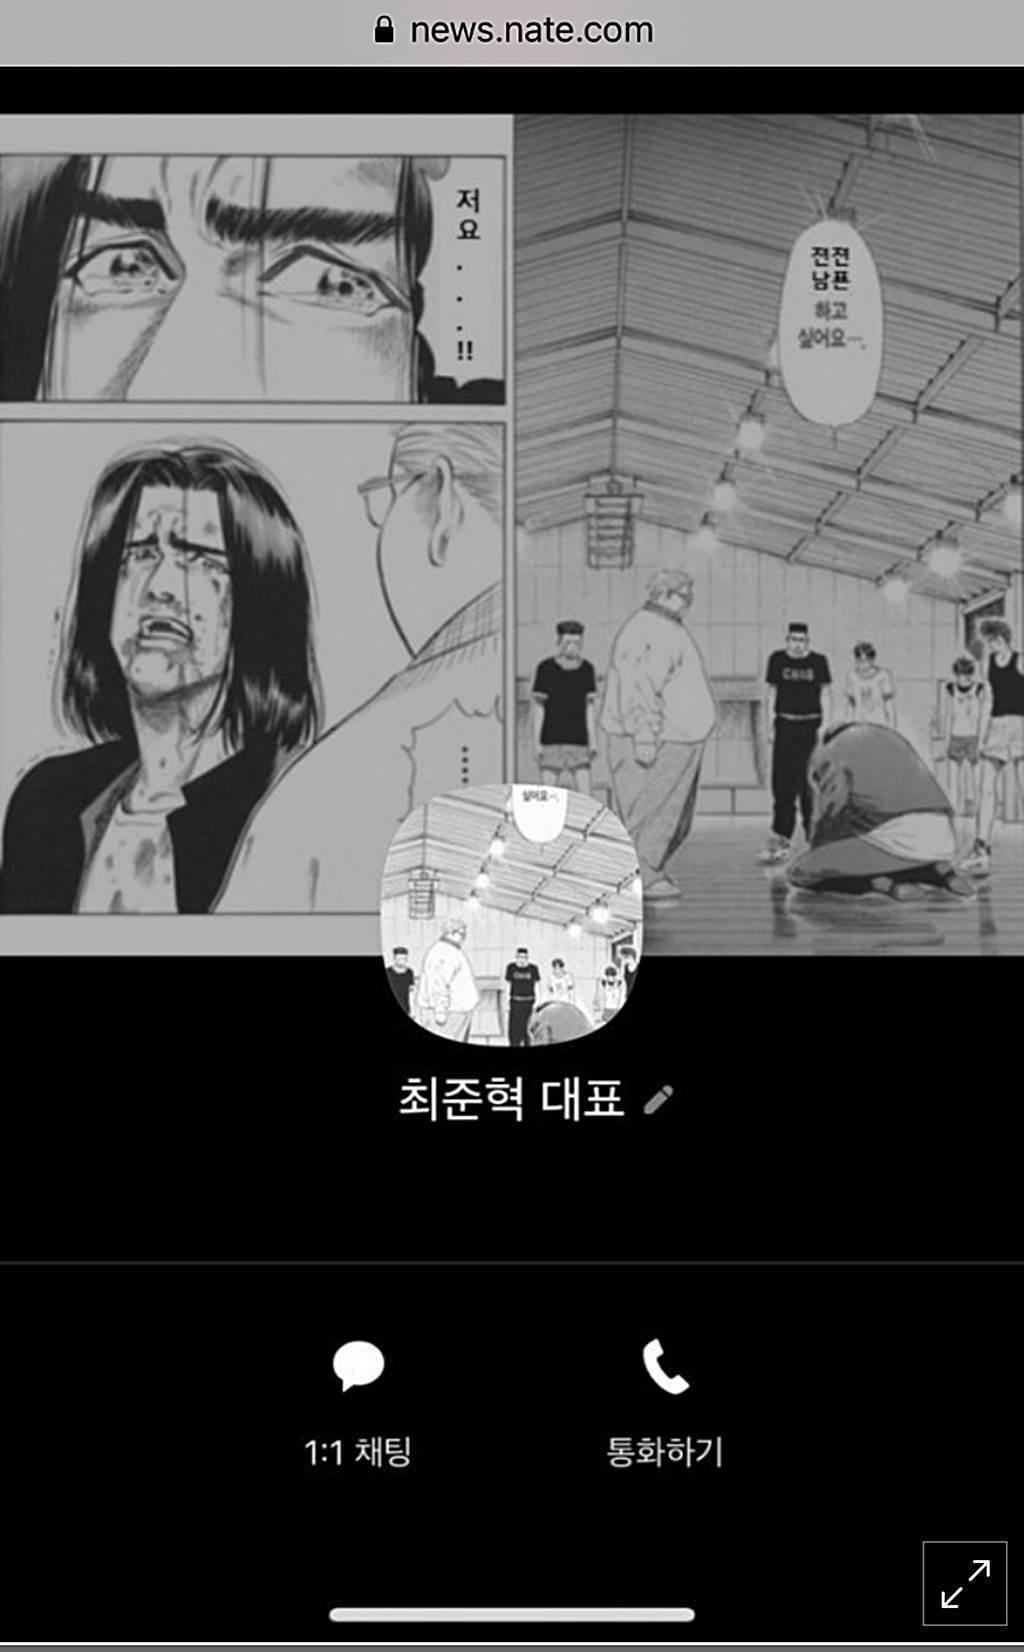 全智賢老公以人氣漫畫駁斥謠言。圖/摘自nate